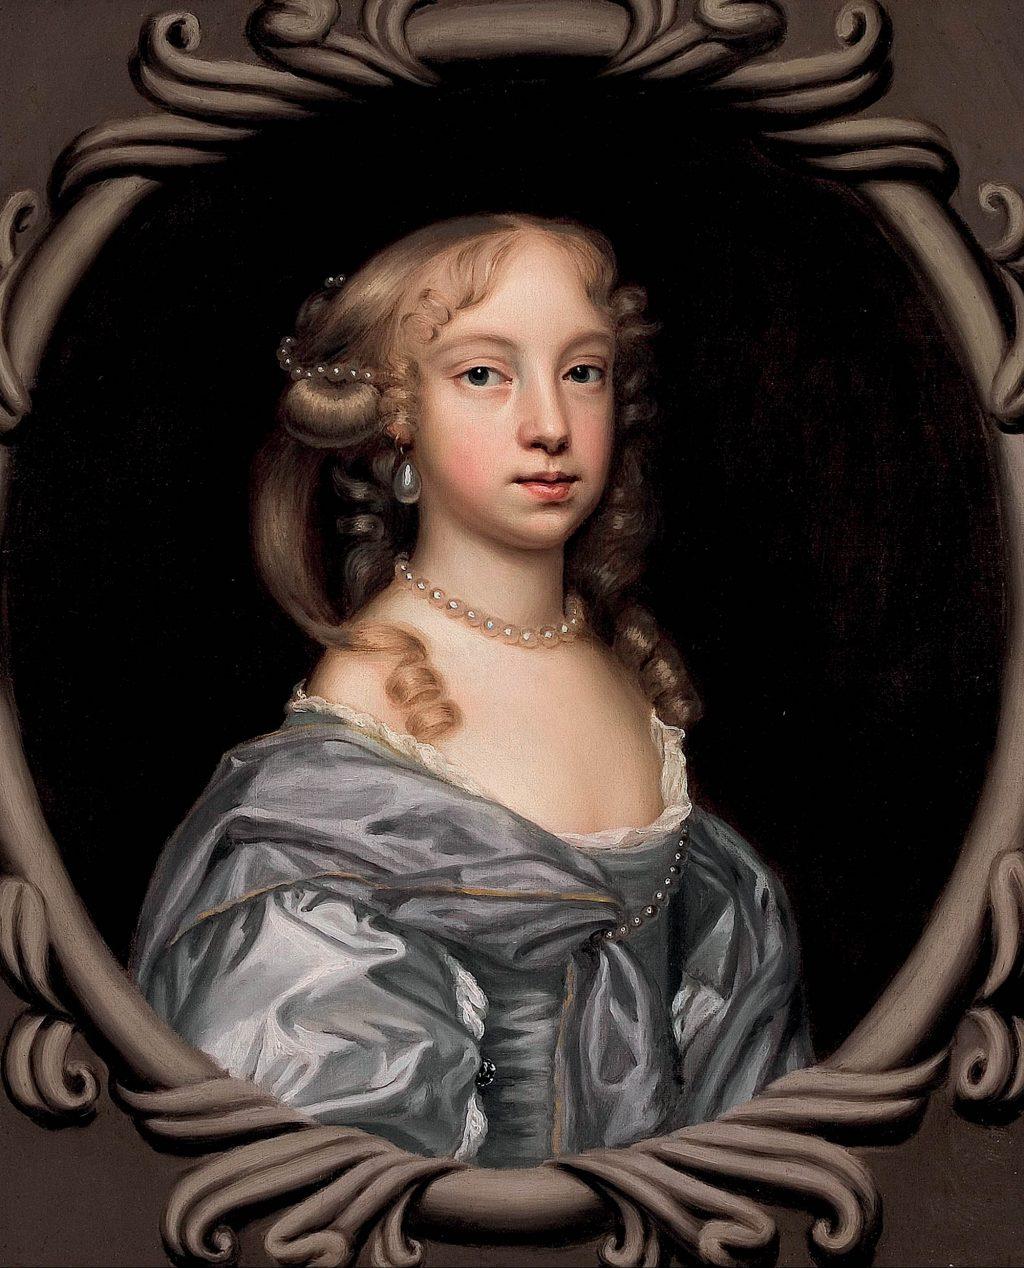 Hai tác phẩm chân dung các bé gái của nữ danh họa Mary Beale.